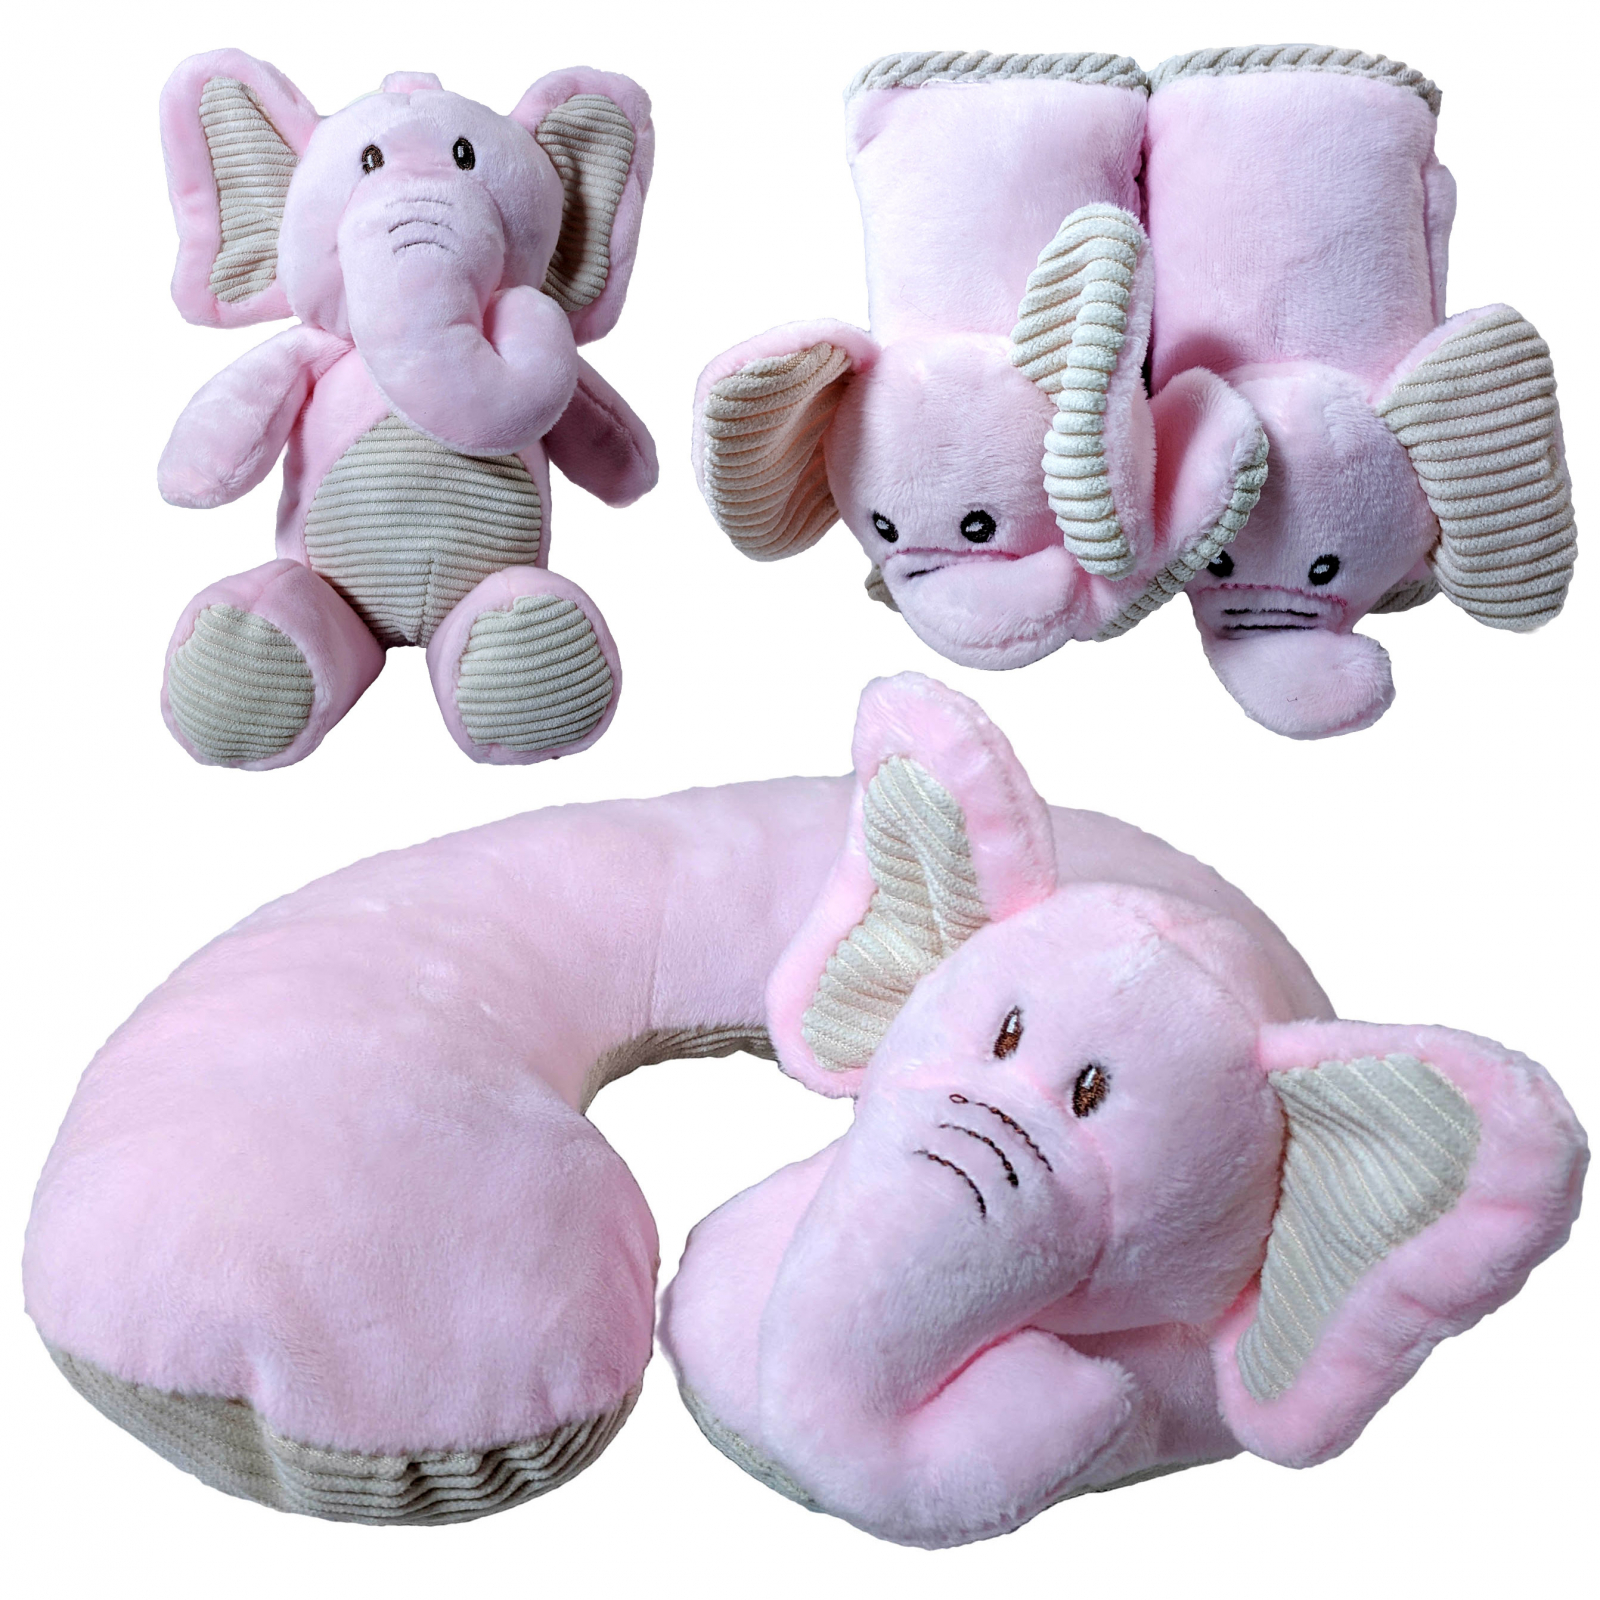 Kellybaby Pink Elephant Soft Plush Baby Travel Bundle